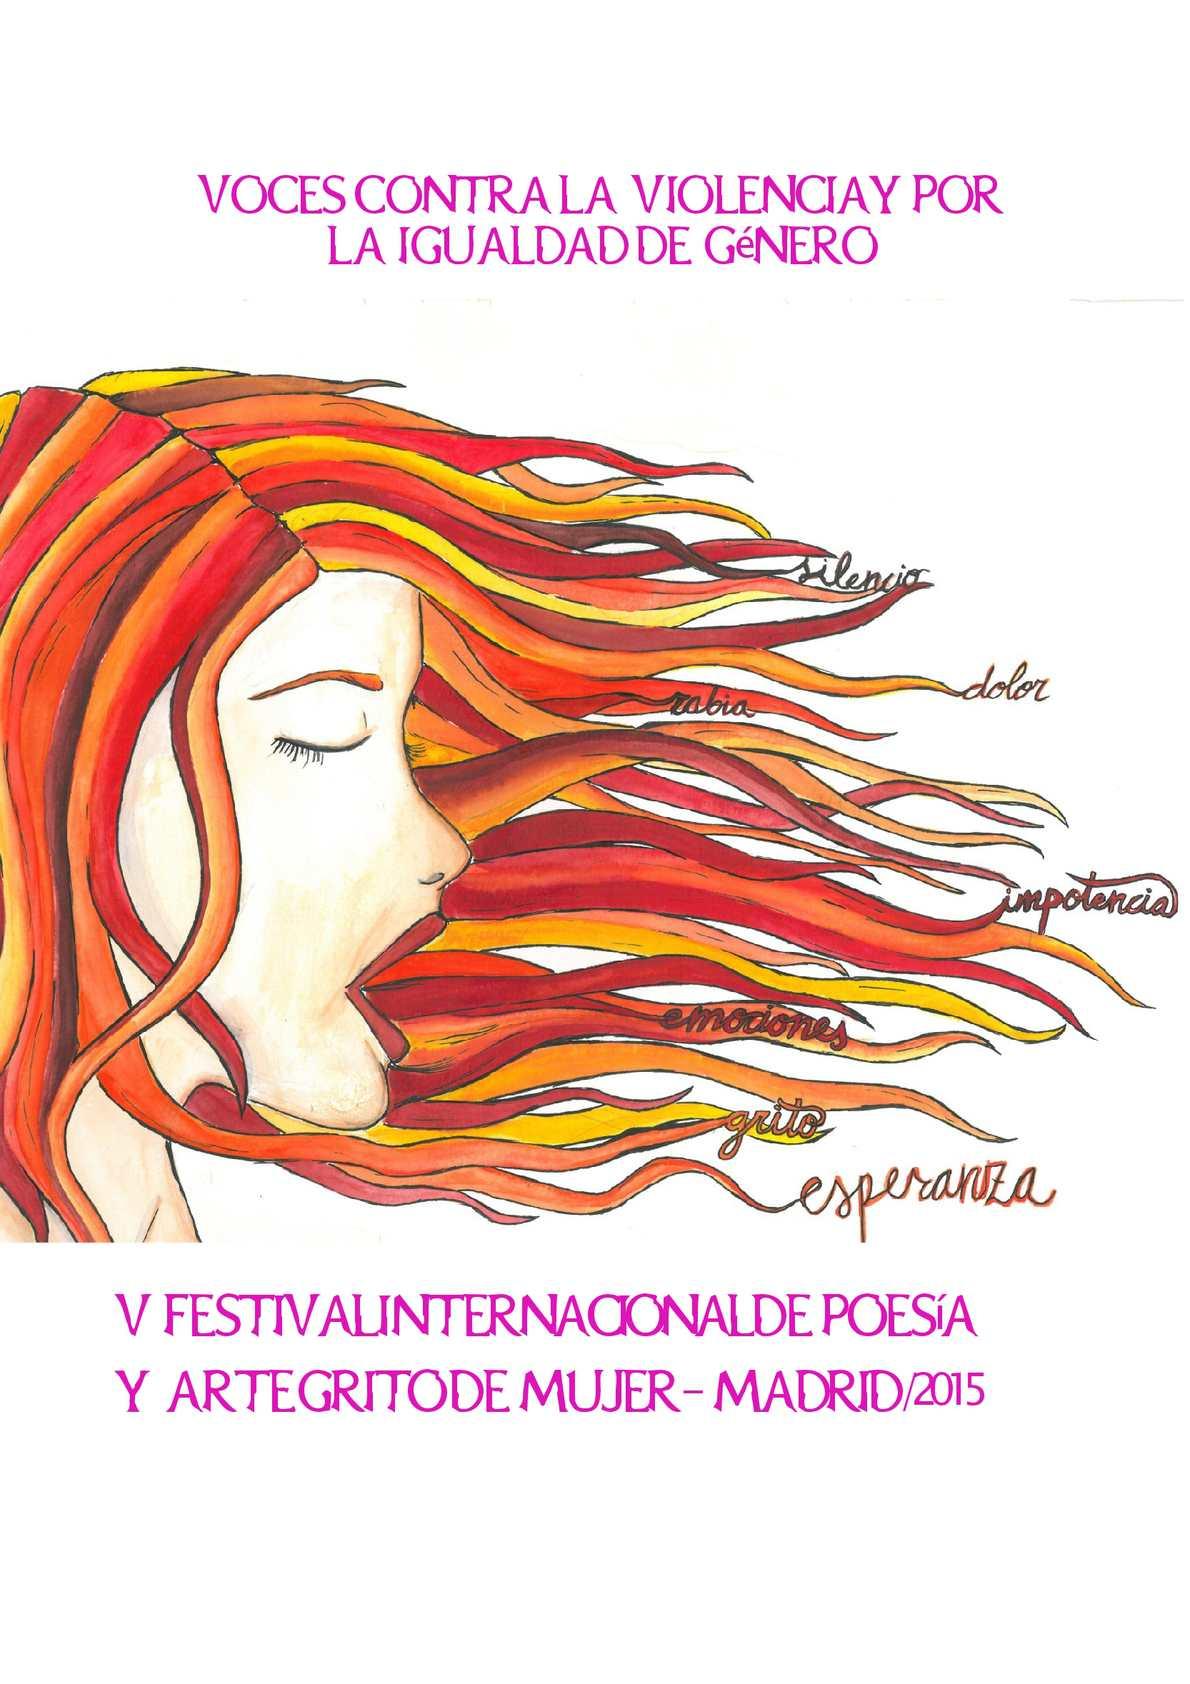 Calaméo - Poemas Grito Mujer Madrid 2015